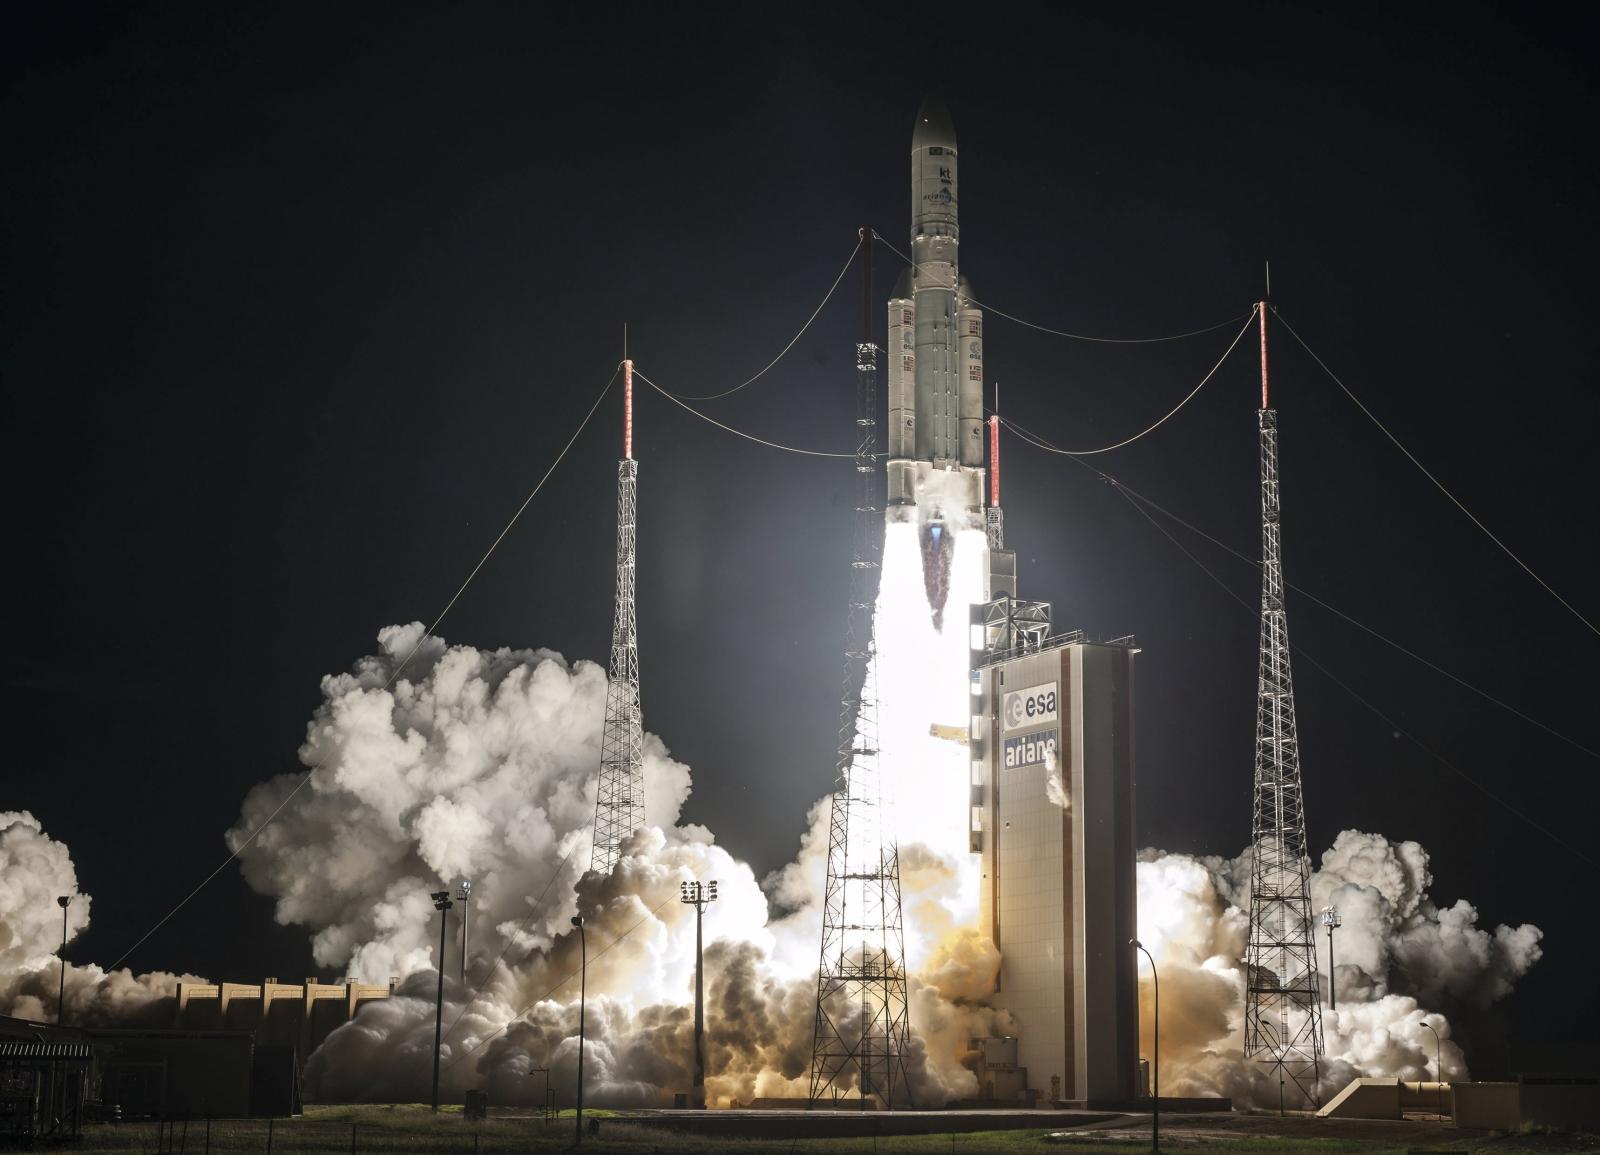 Francuska rakieta wystrzelona z Gujany Francuskiej. Fot. PAP/EPA/CNES/CSG/ARIANESPACE